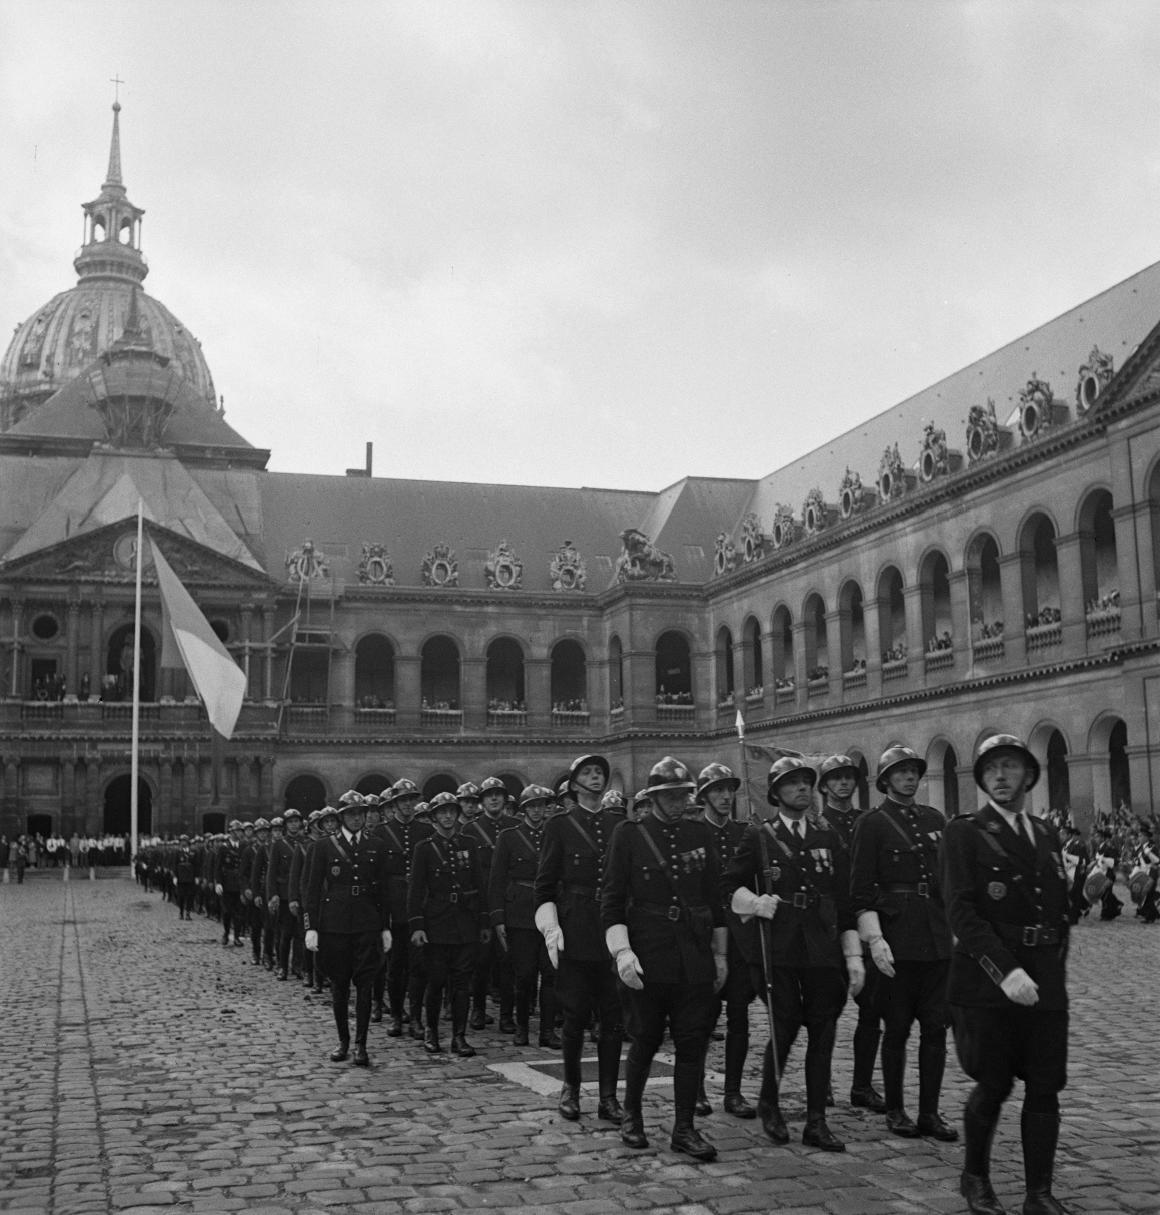 41. Затем под исполнение музыкантами из ВВС Полк Самбры-и-Мааса добровольцы проходят перед трибуной. Возглавляет легионеров капитан Демессин